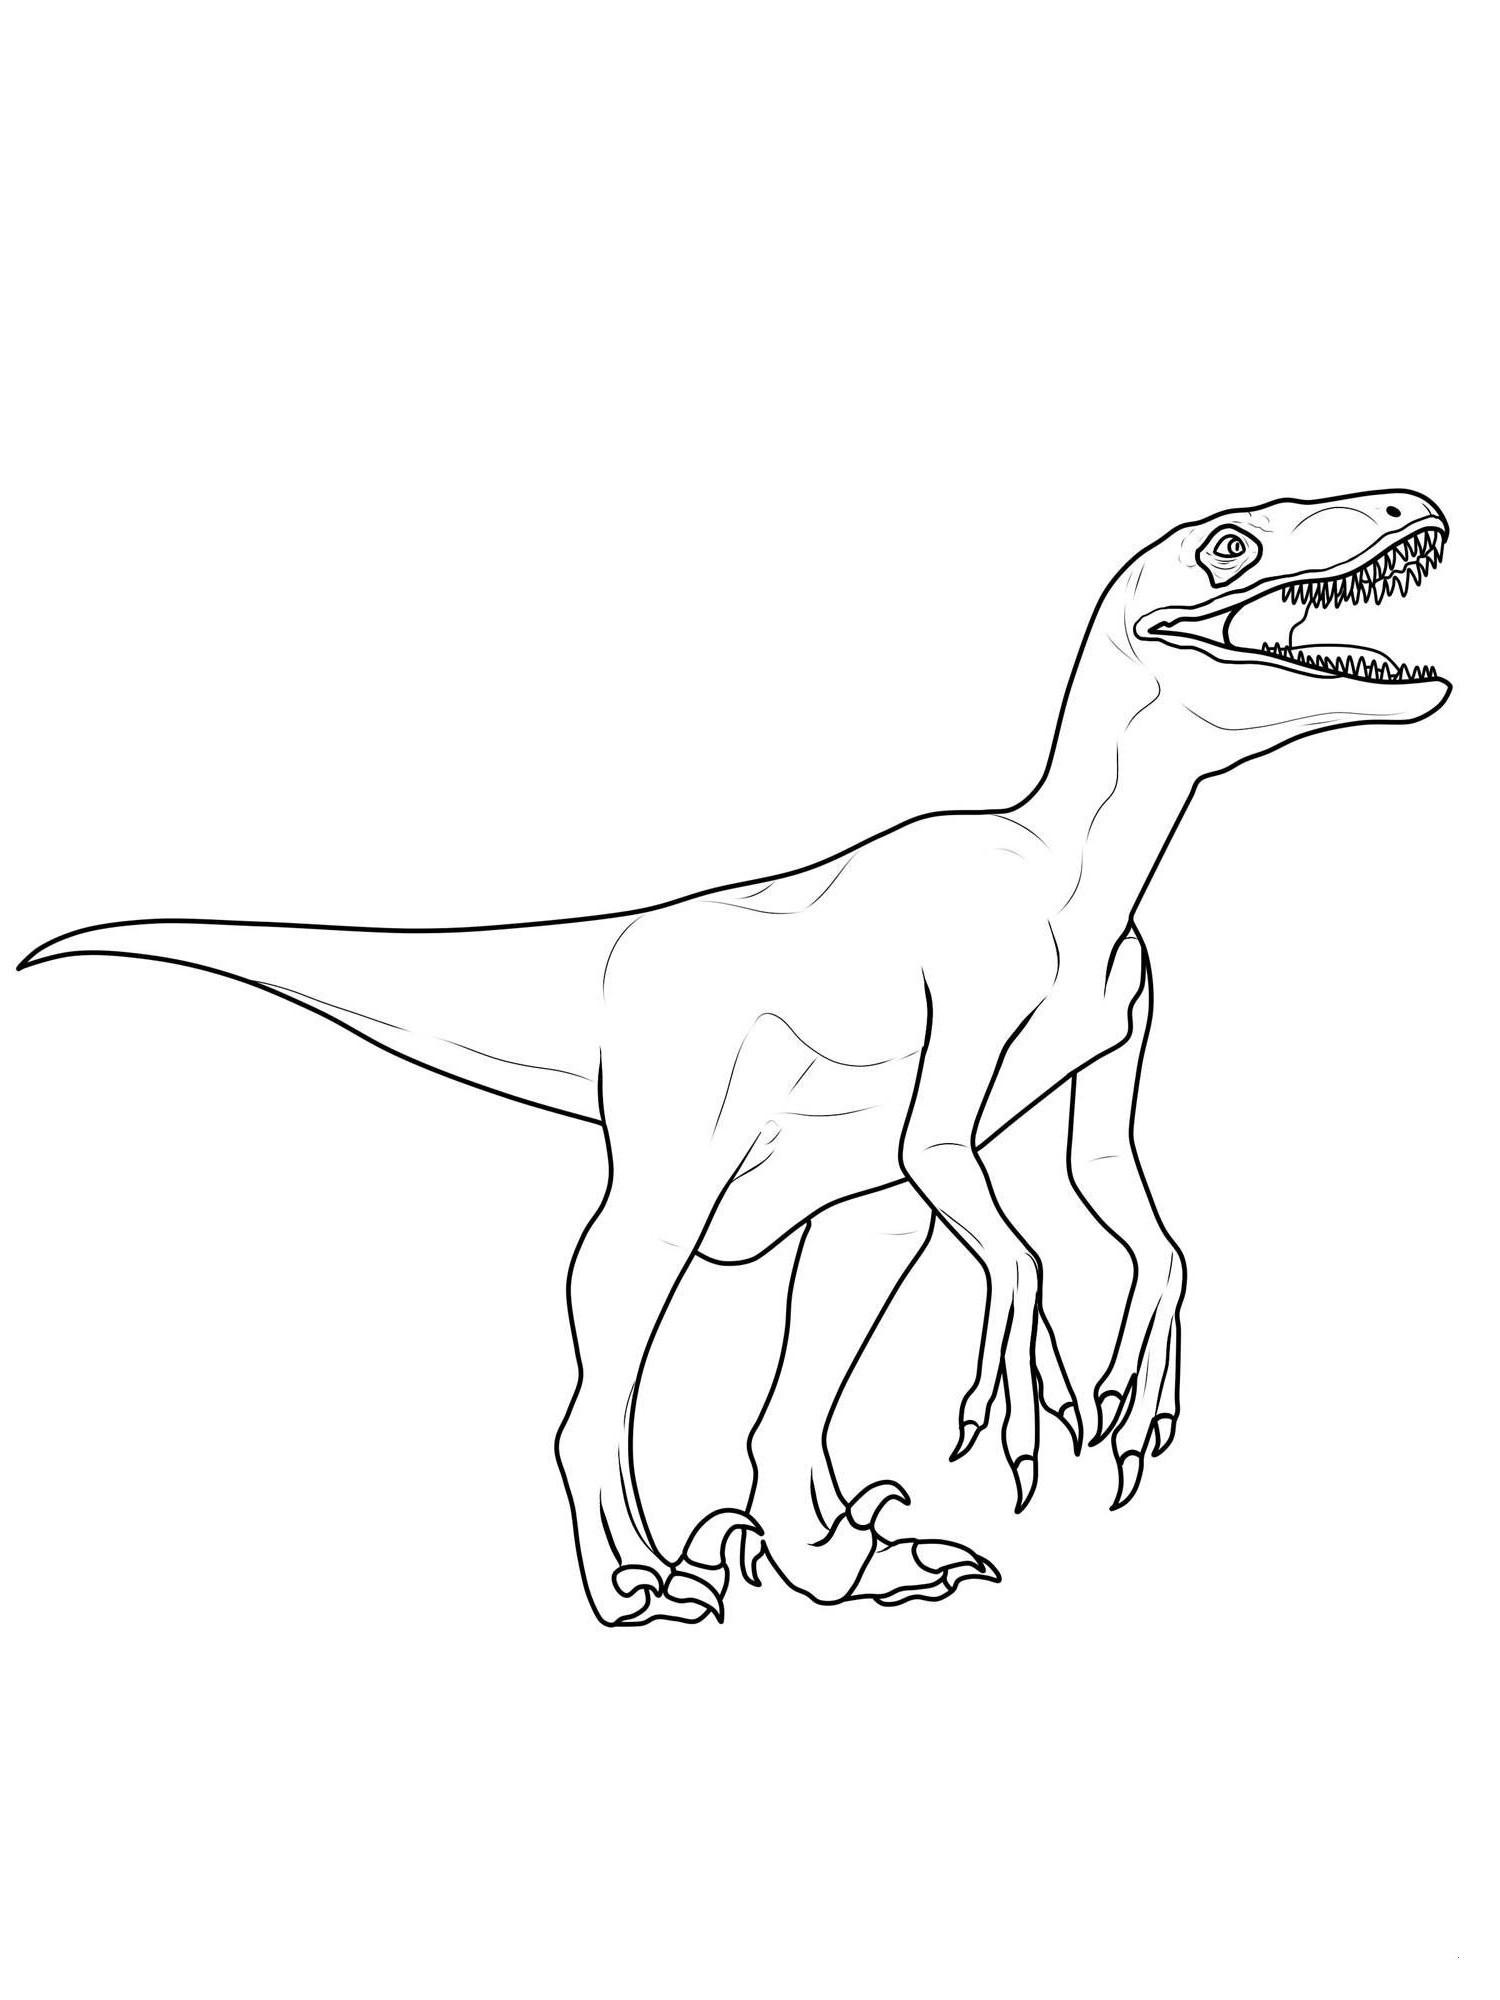 Steinzeit Bilder Zum Ausmalen Neu 28 Schön Malvorlage Dinosaurier – Malvorlagen Ideen Bild